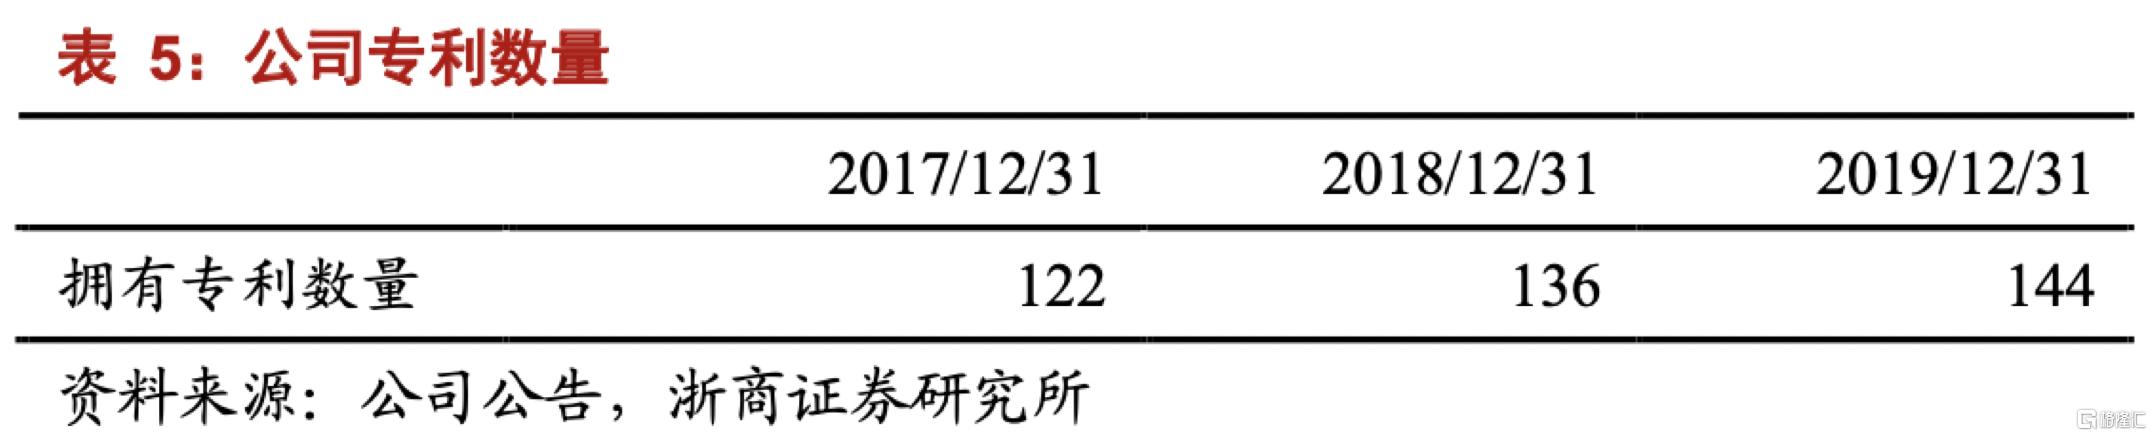 台华新材(603055.SH):一体化功能性面料龙头,下游需求推动长期增长